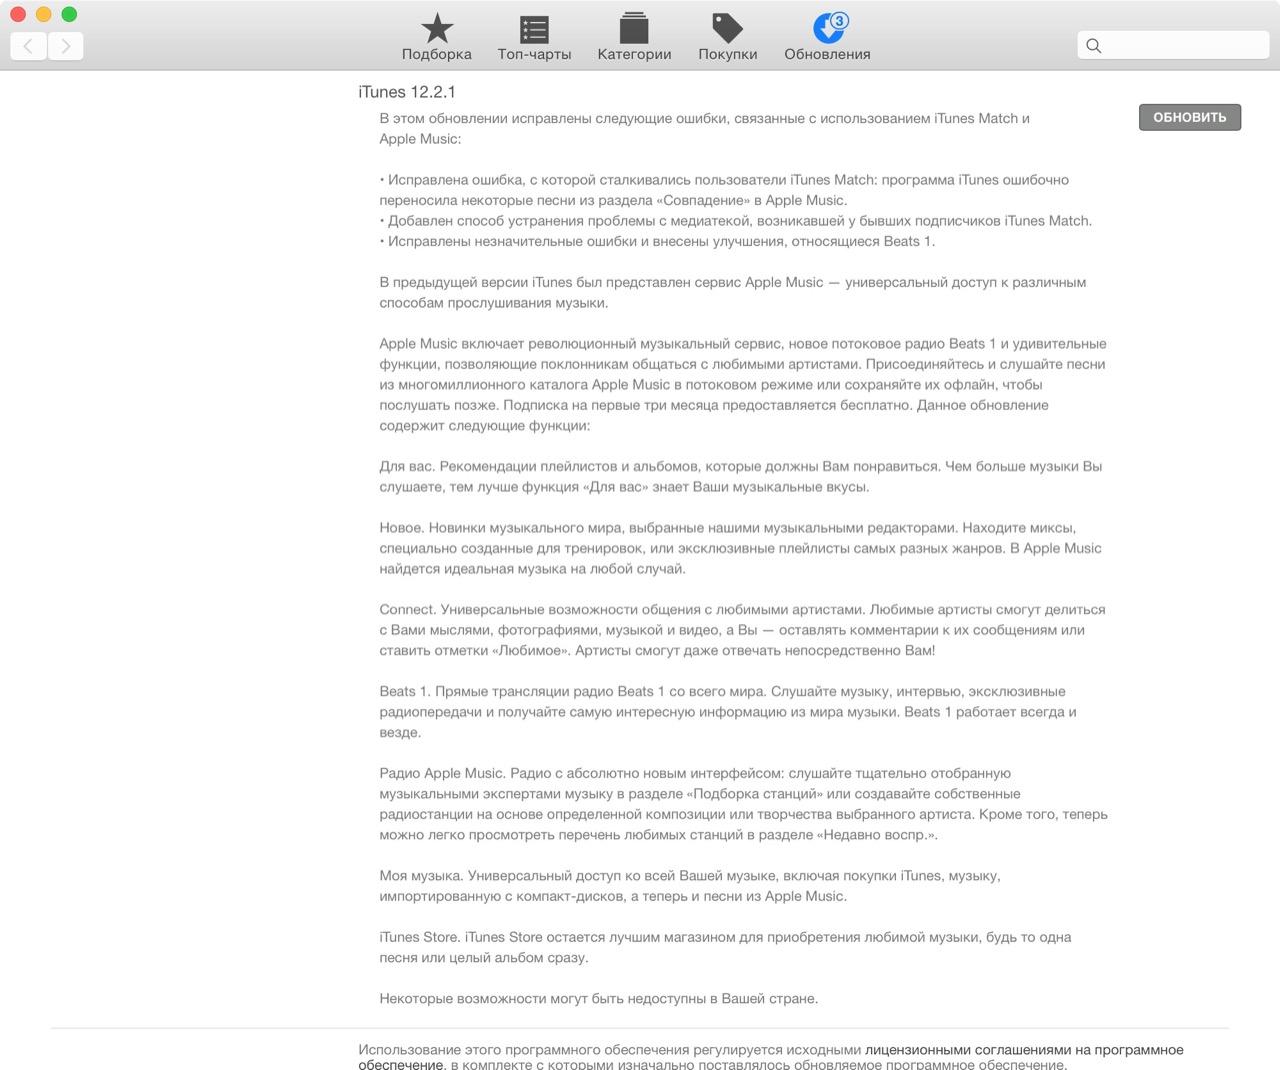 Информация об iTunes 12.2.1